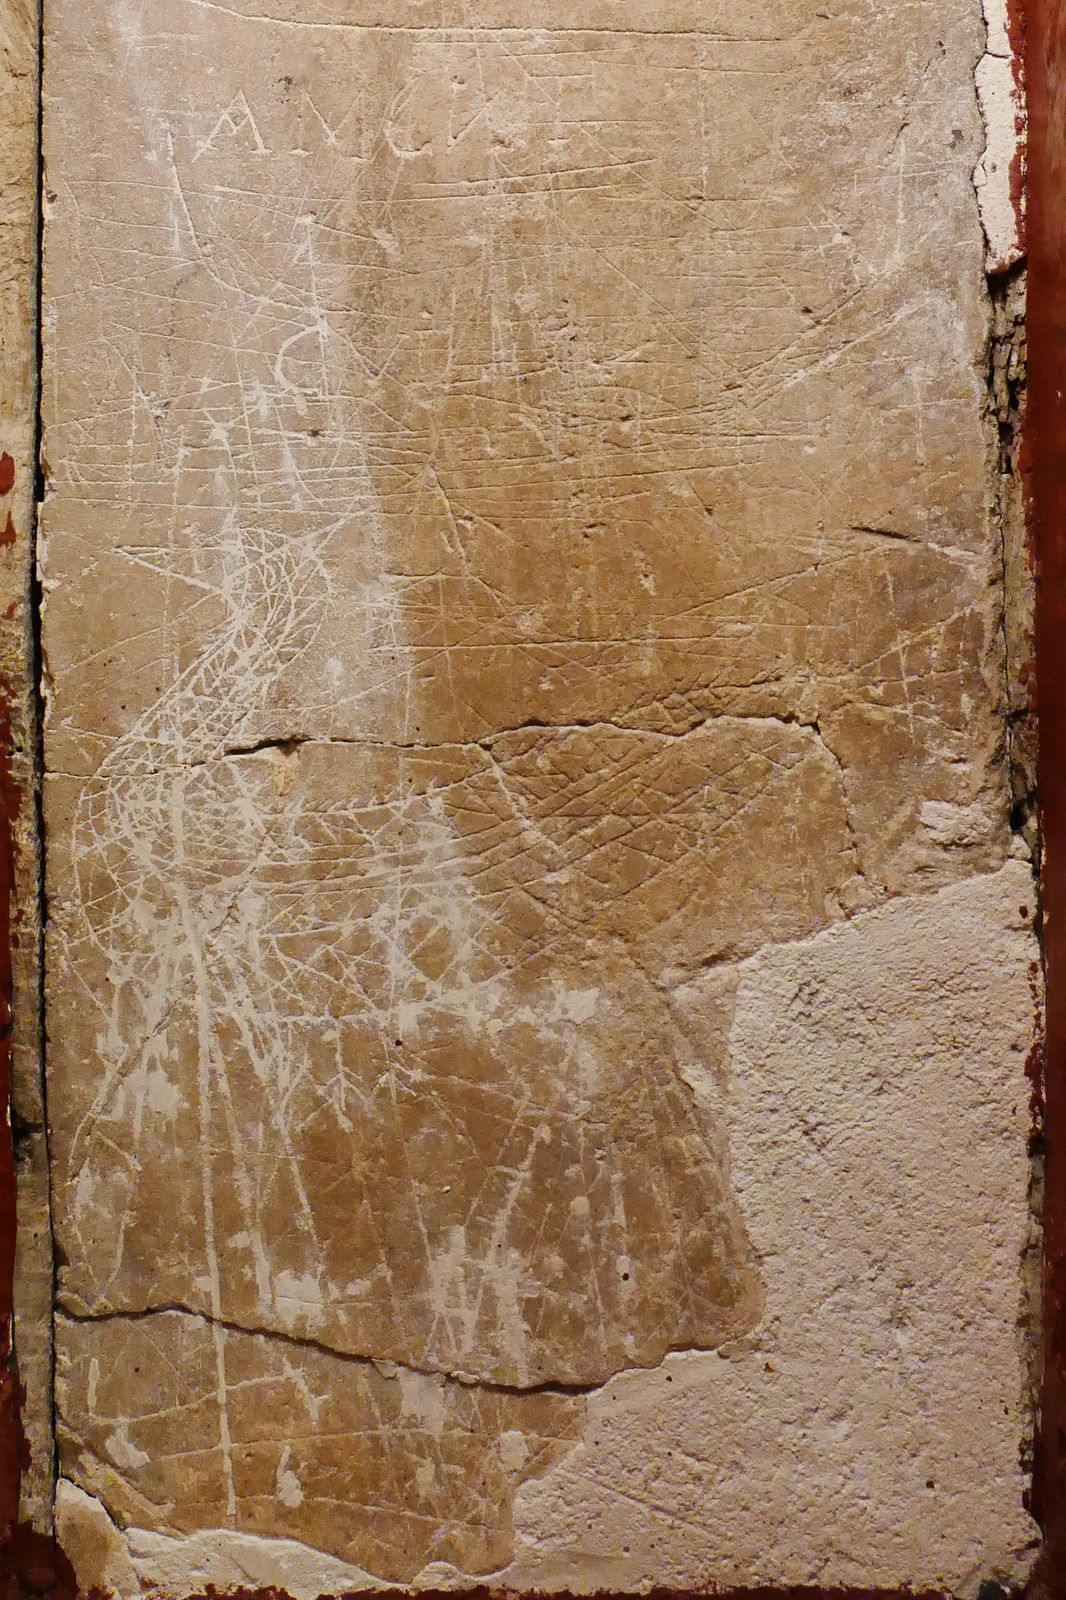 Les graffiti maritimes (XVIe-XIXe siècles) des Maisons Satie d'Honfleur.